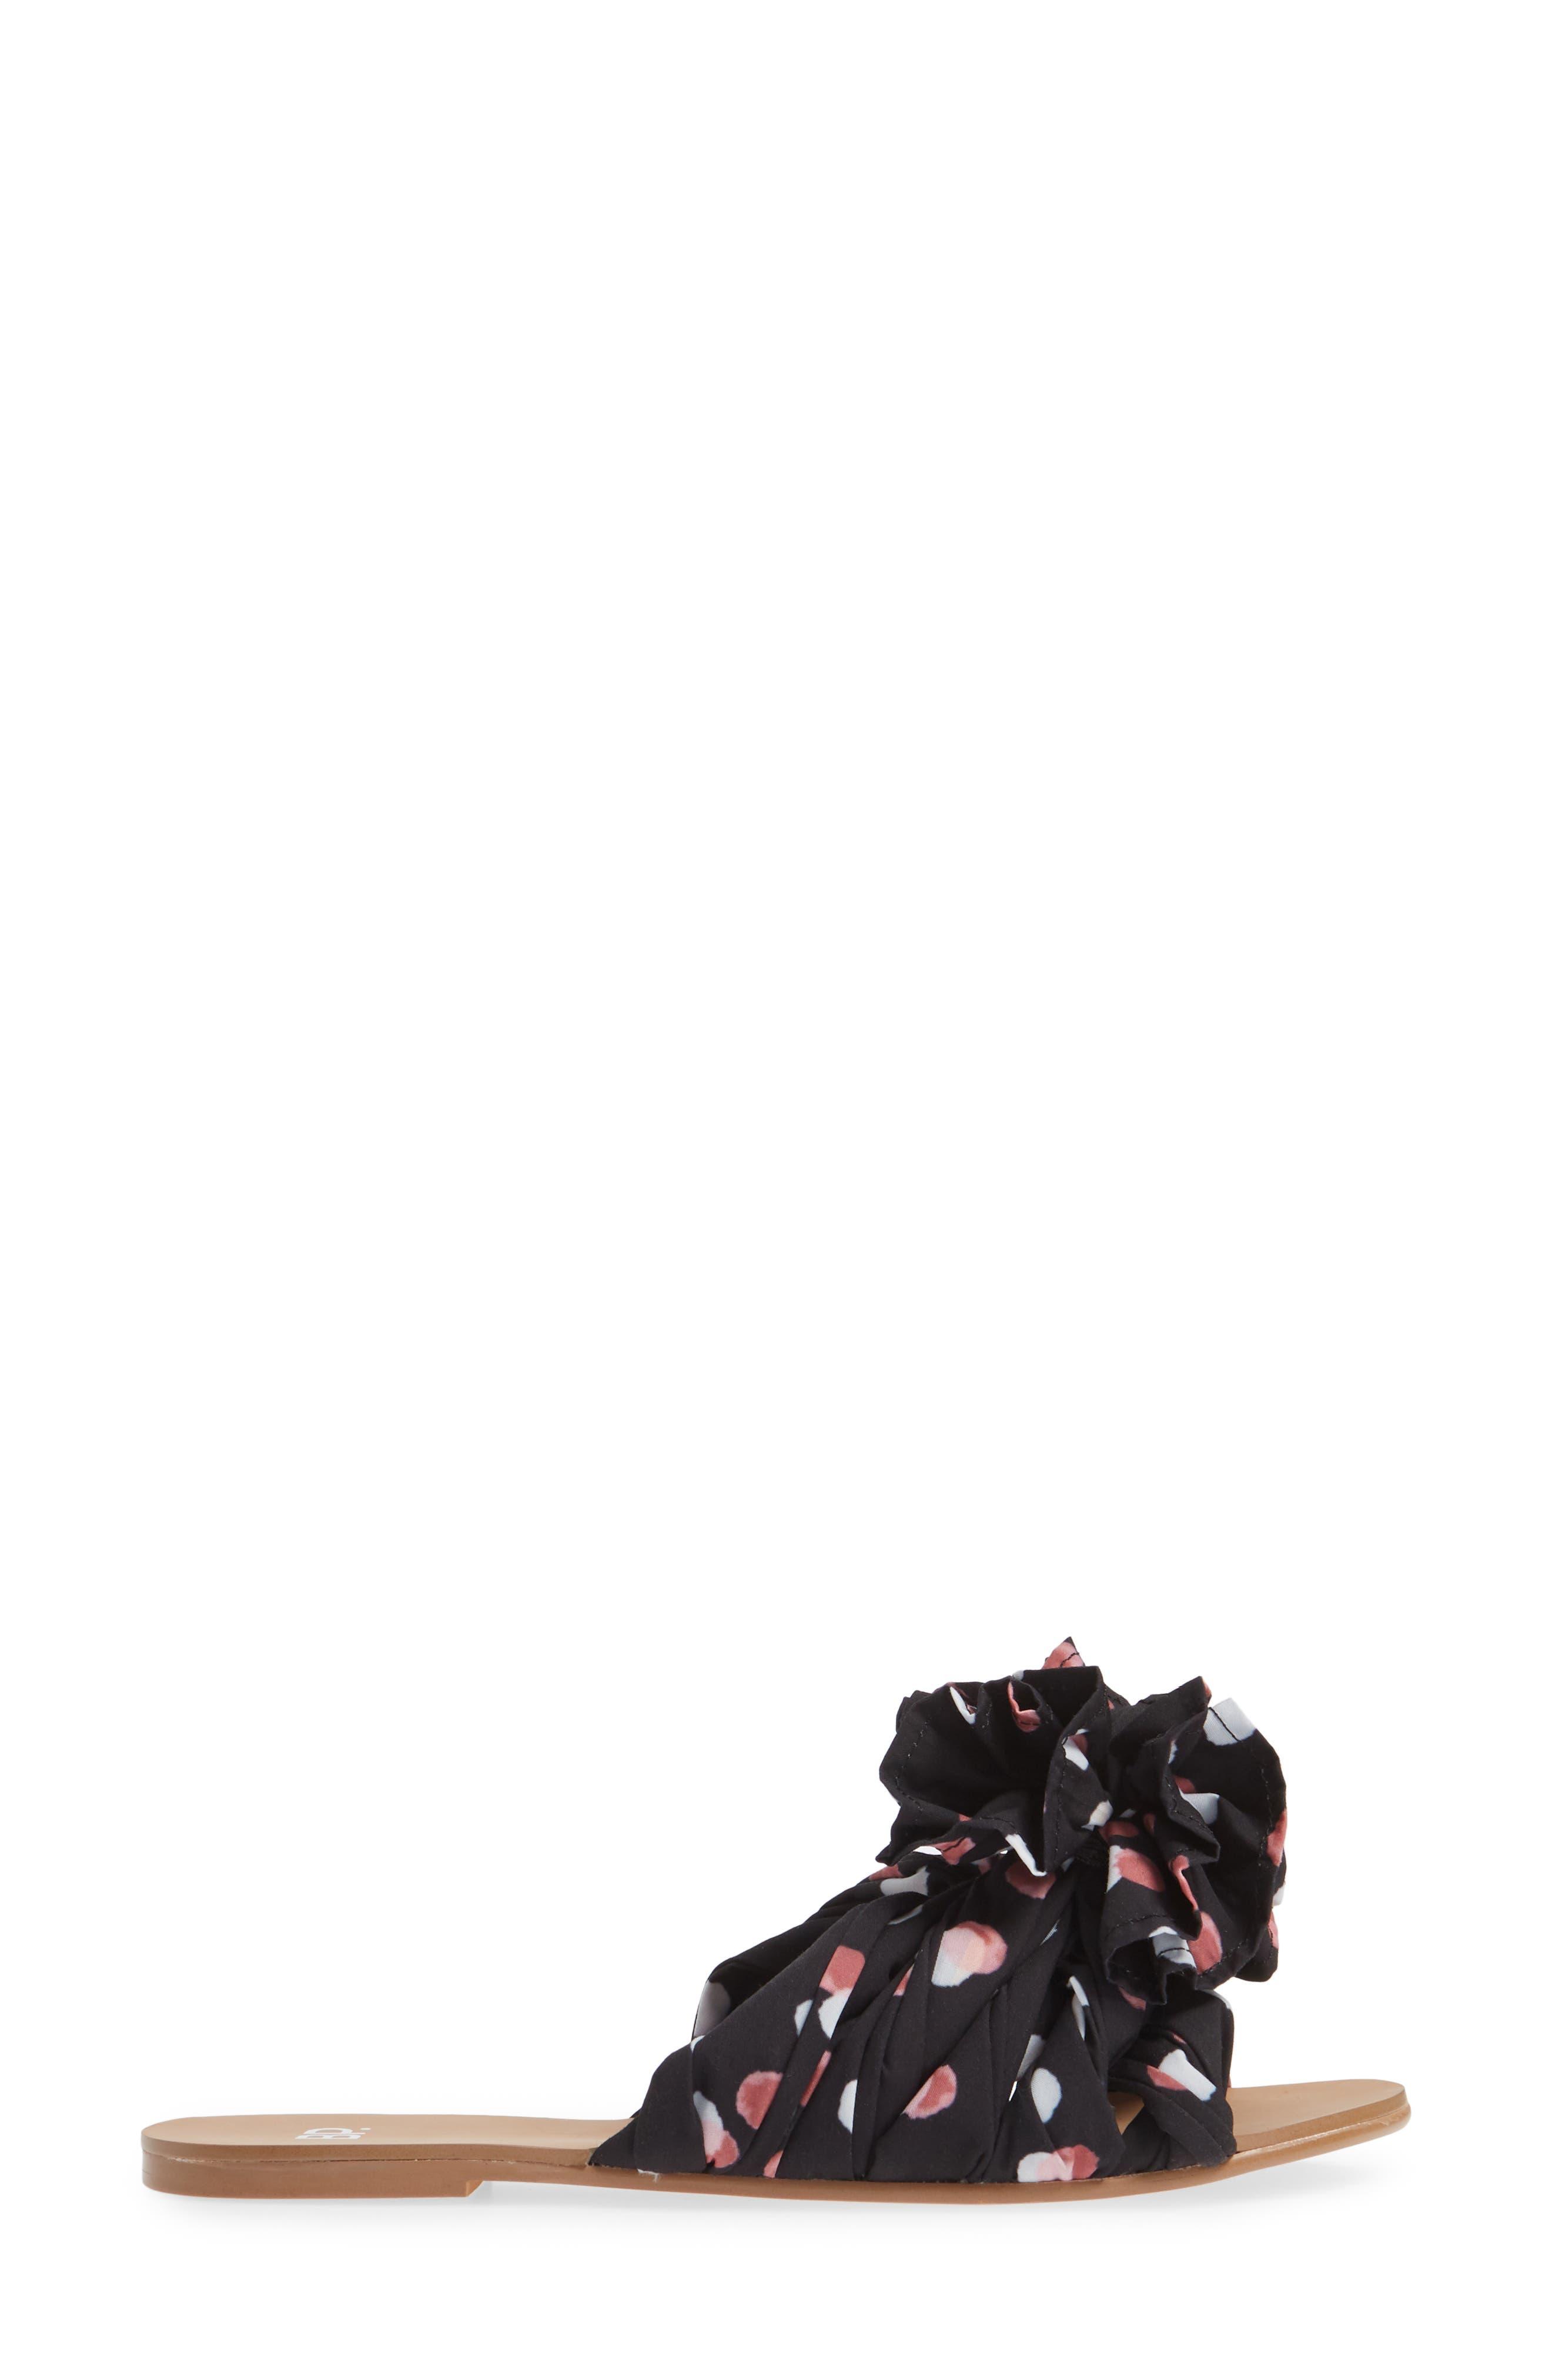 BP., Ruby Slide Sandal, Alternate thumbnail 3, color, BLACK POLKA DOT FABRIC